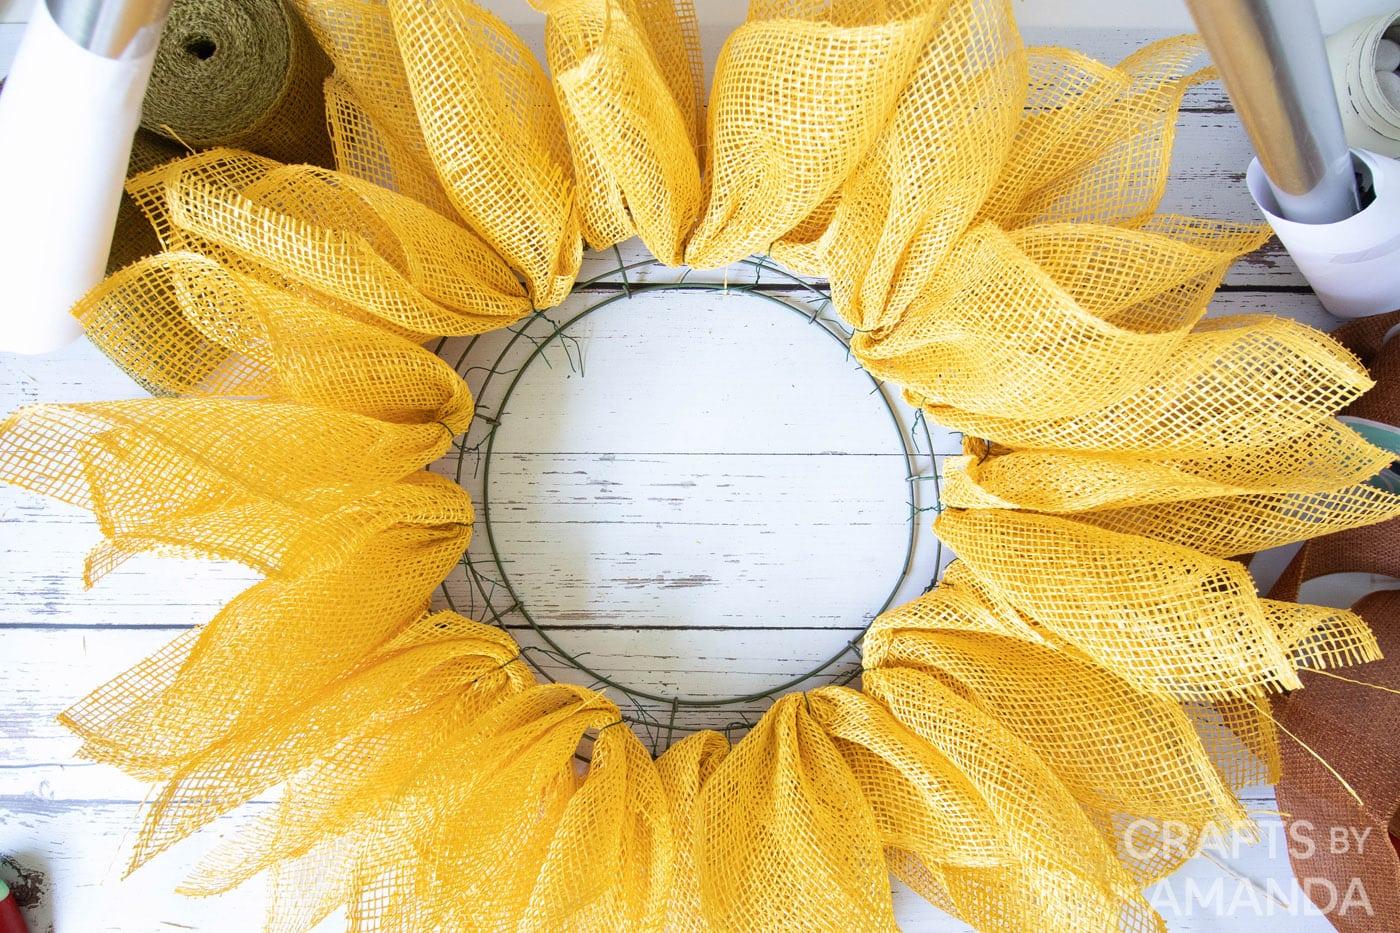 zonnebloemkrans gemaakt van gele jute